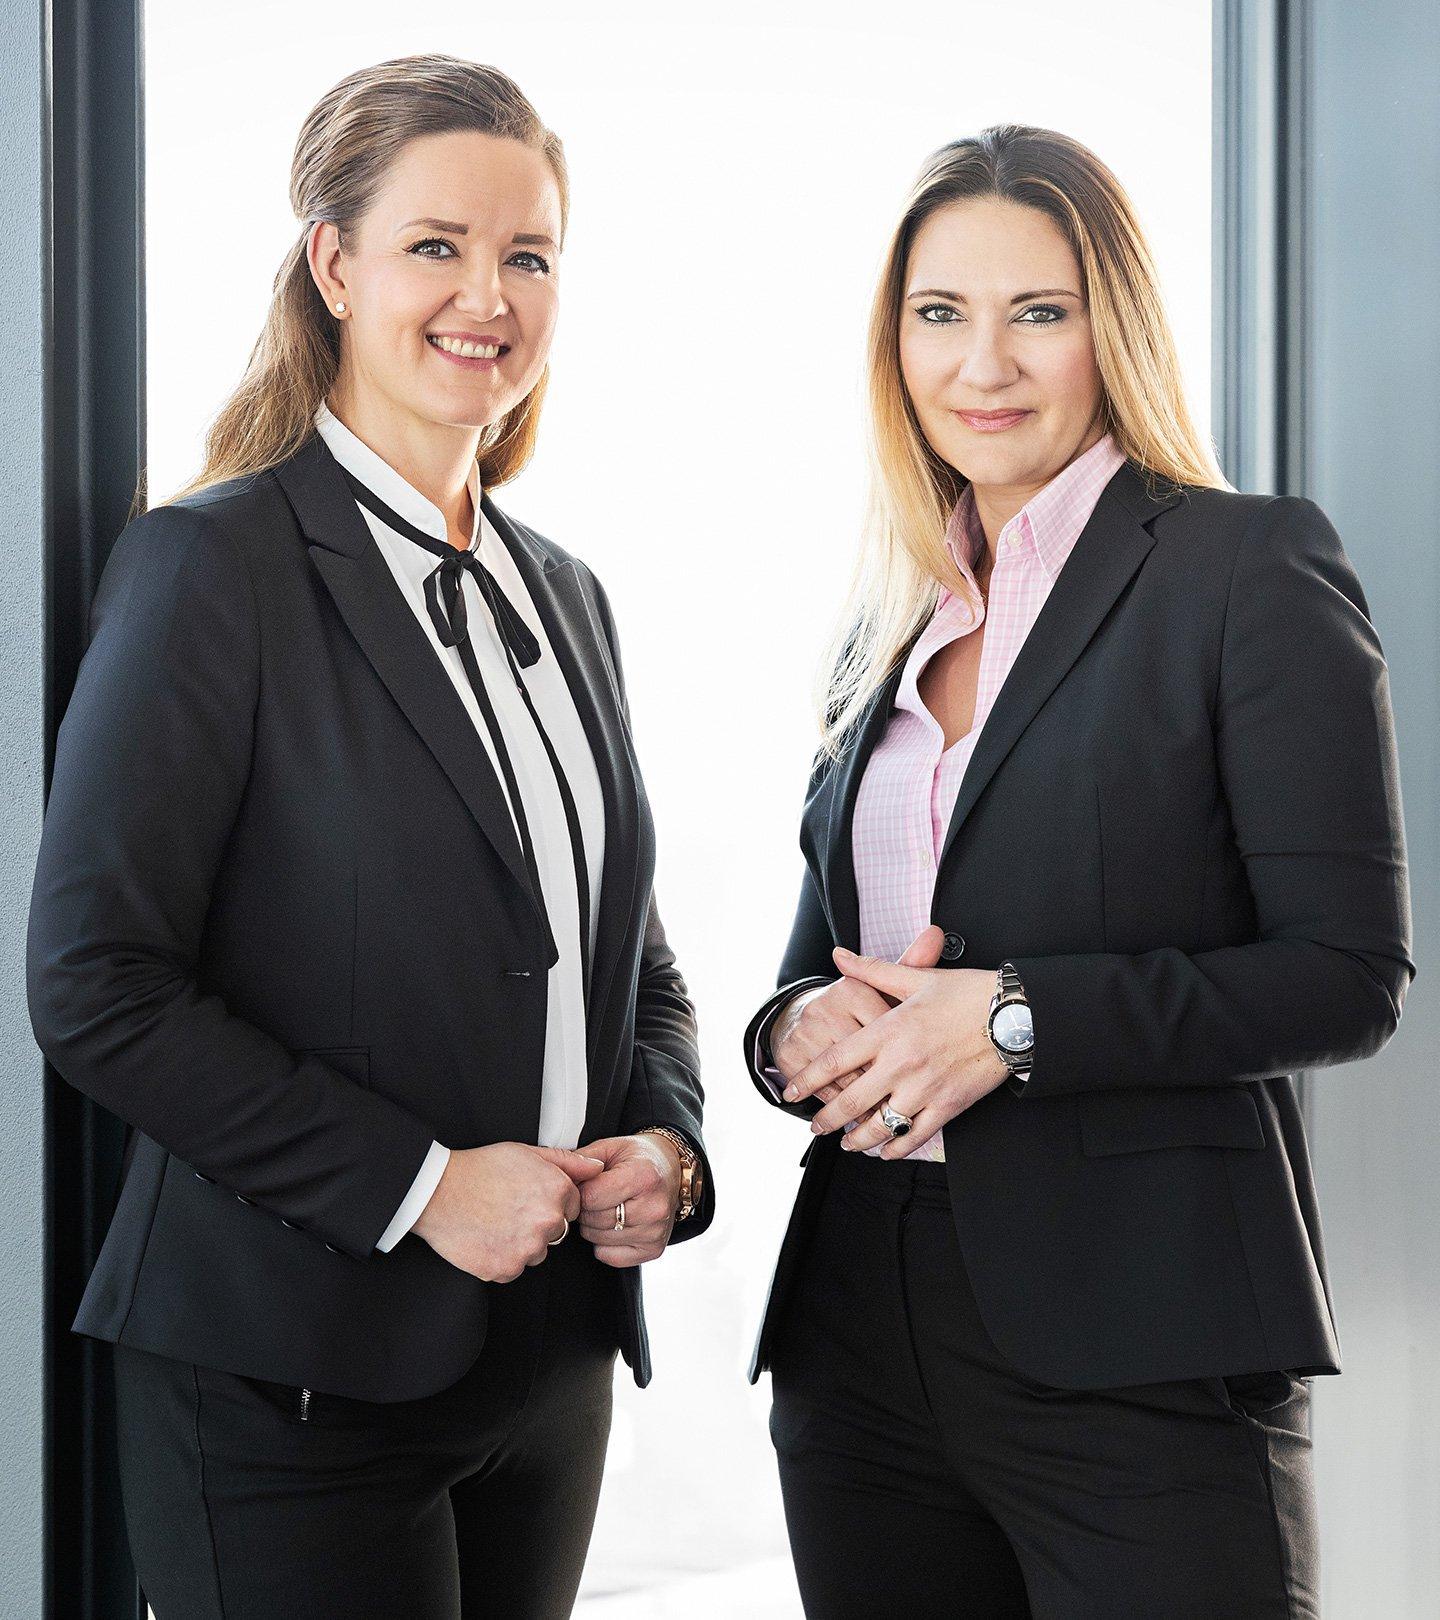 Suzanna Artmann und Stephanie Brumberg, Geschäftsführerinnen der Paribus Treuhand Dienstleistung und Paribus Trust